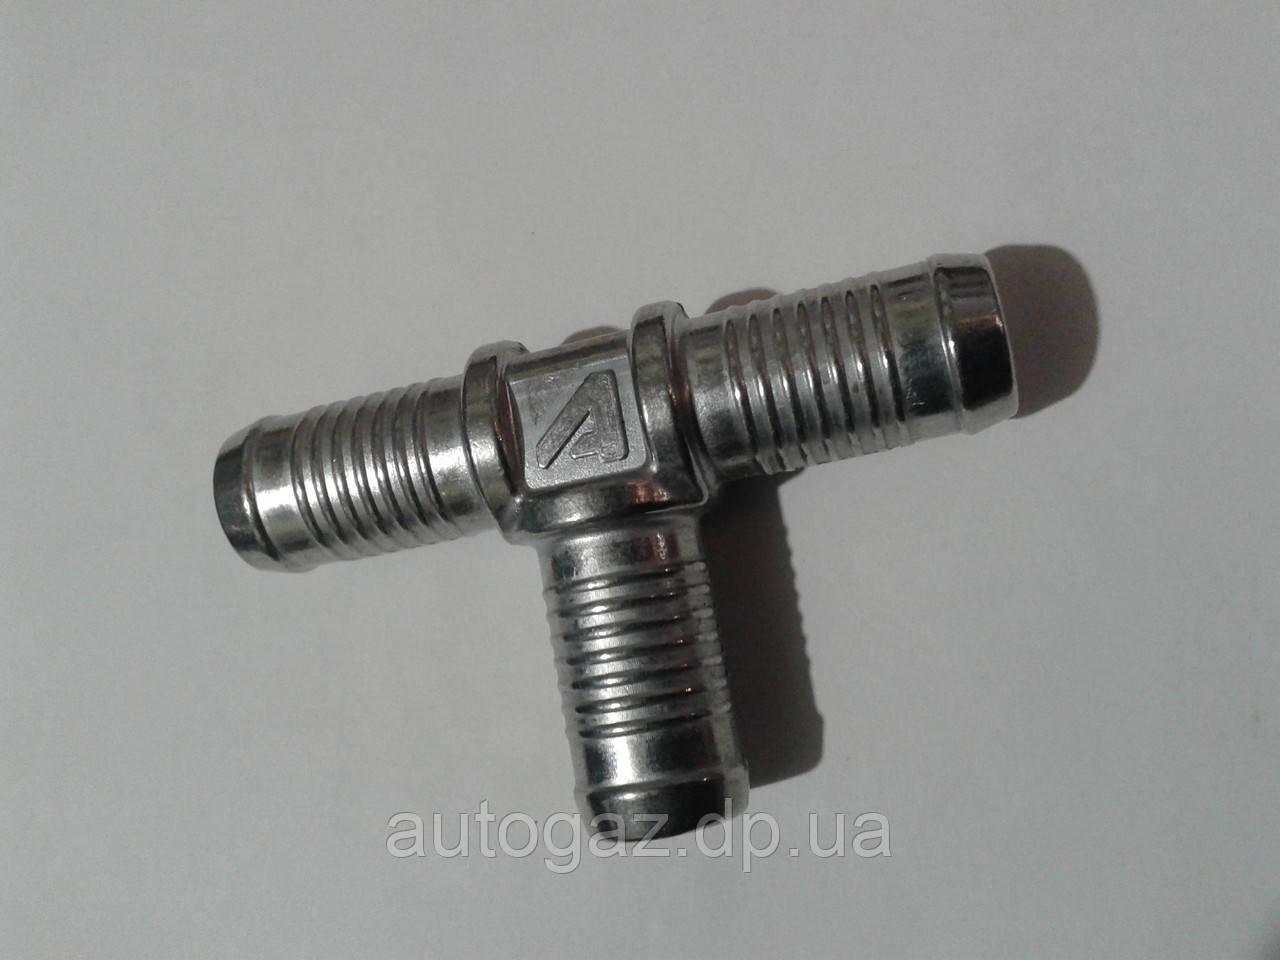 Трійник Т-образний тосольний 16х16х16 алюмінієвий (шт)